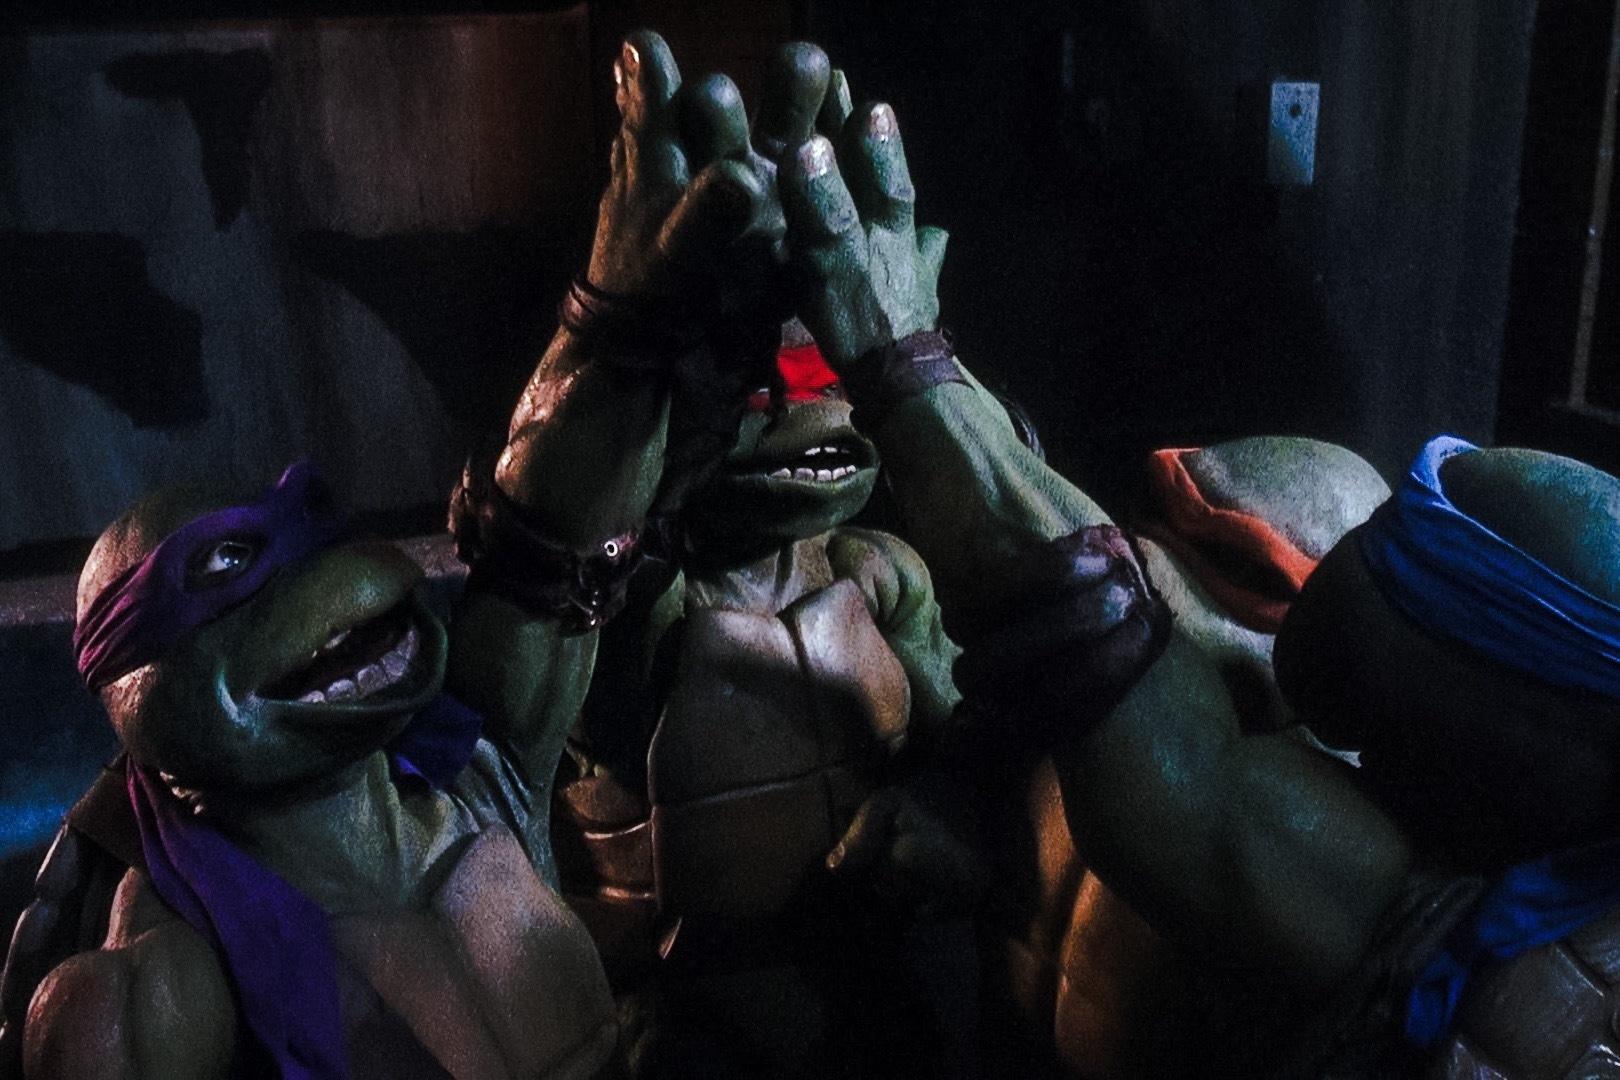 teenage-mutant-ninja-turtles_sdgesp.jpg